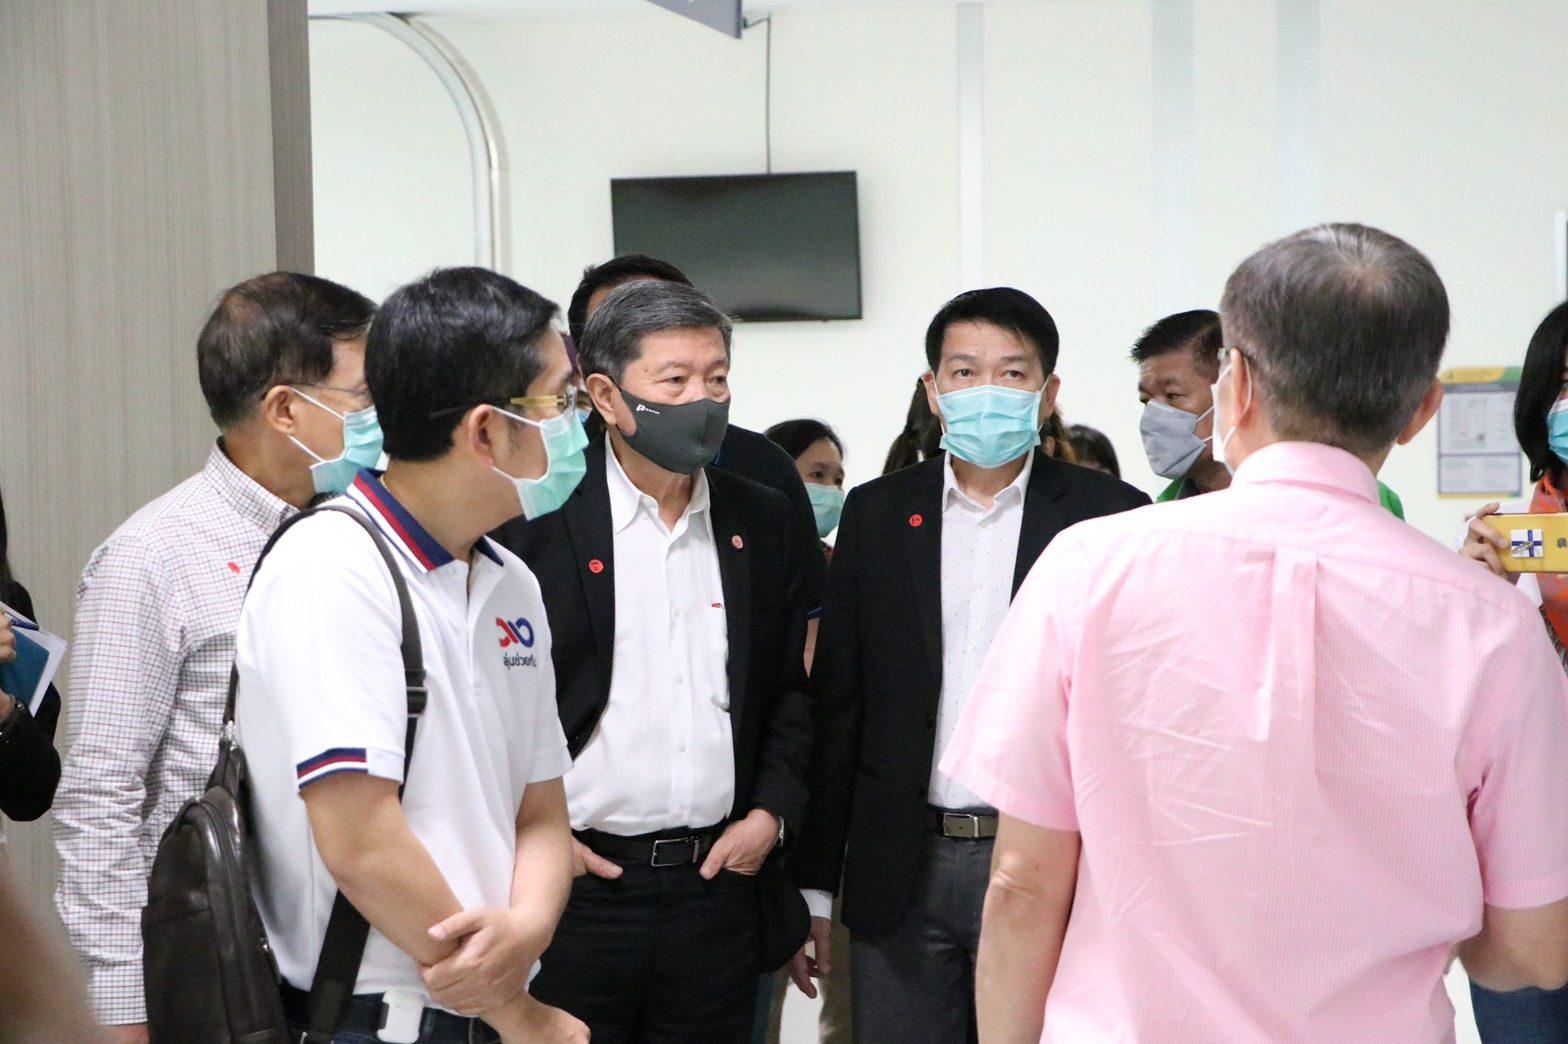 """""""ปิยะสกล""""นำทีมผู้เชี่ยวชาญ ชมICU จักรีนฤบดินทร์ เตรียมปรับทำห้องความดันลบ รับมือผู้ป่วยโควิด เอกชนช่วยติดเครื่องมือฆ่าเชื้อในระบบแอร์"""